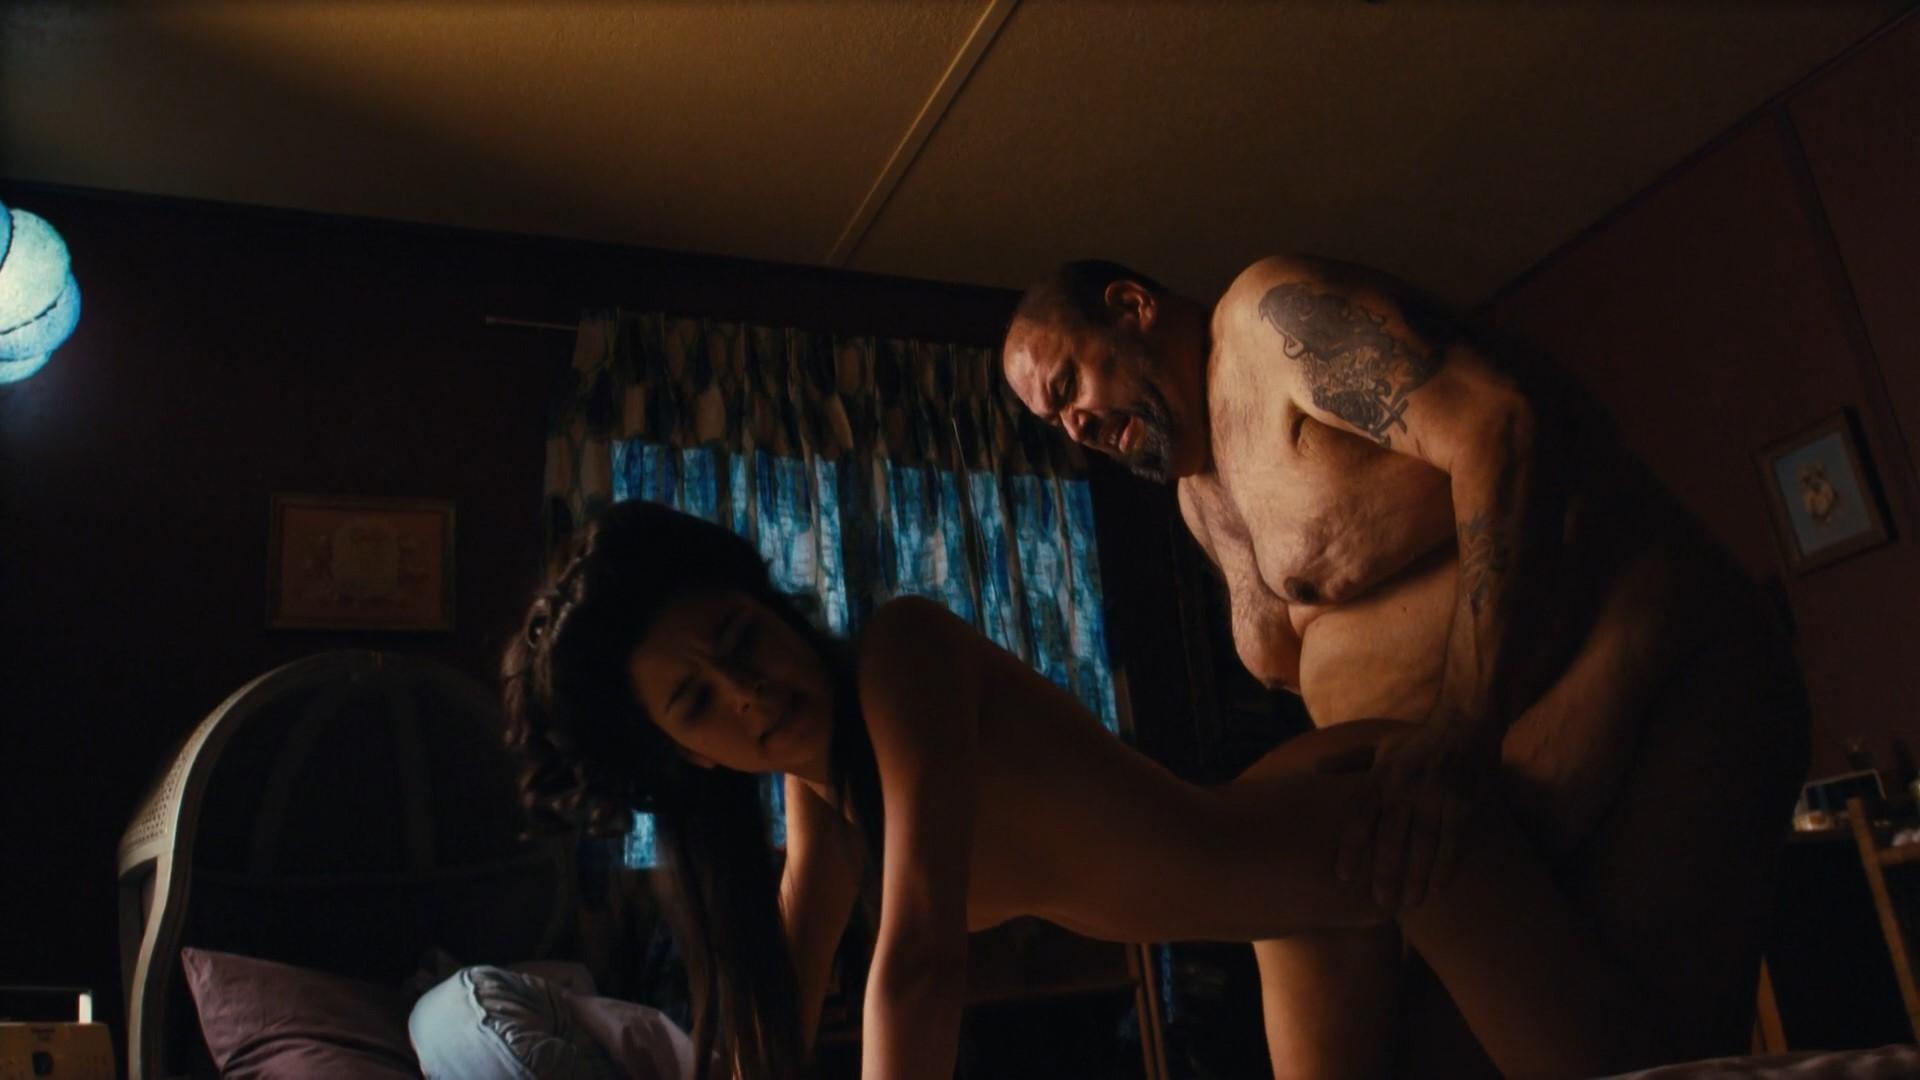 Bai Ling Nude bai ling nude » celebs nude video - nudecelebvideo